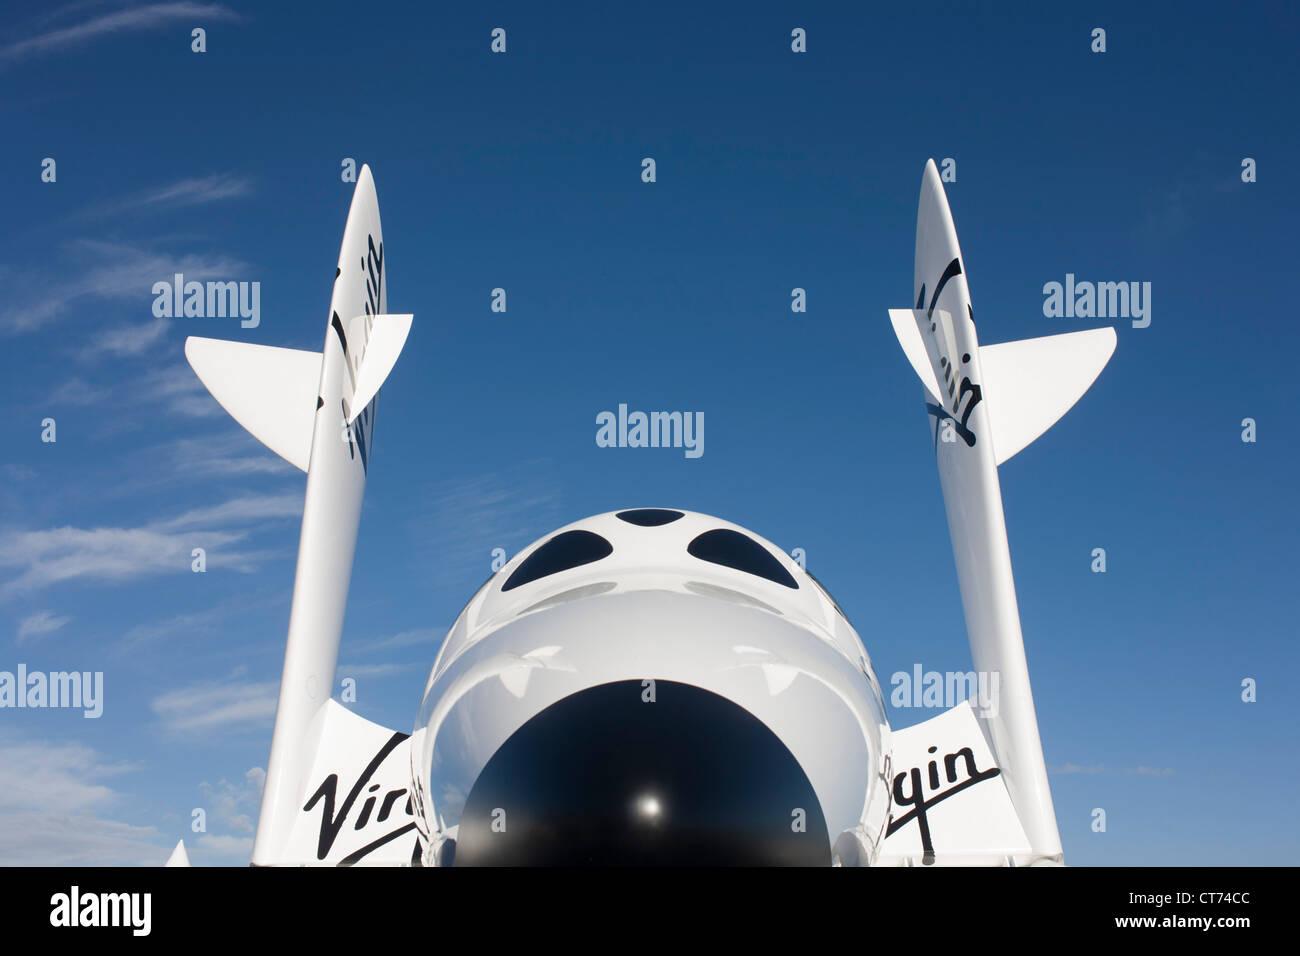 Modell von Virgin Galactic Tourismus Raumfahrzeug, SpaceShipTwo (SS2) auf der Farnborough Airshow. Stockbild